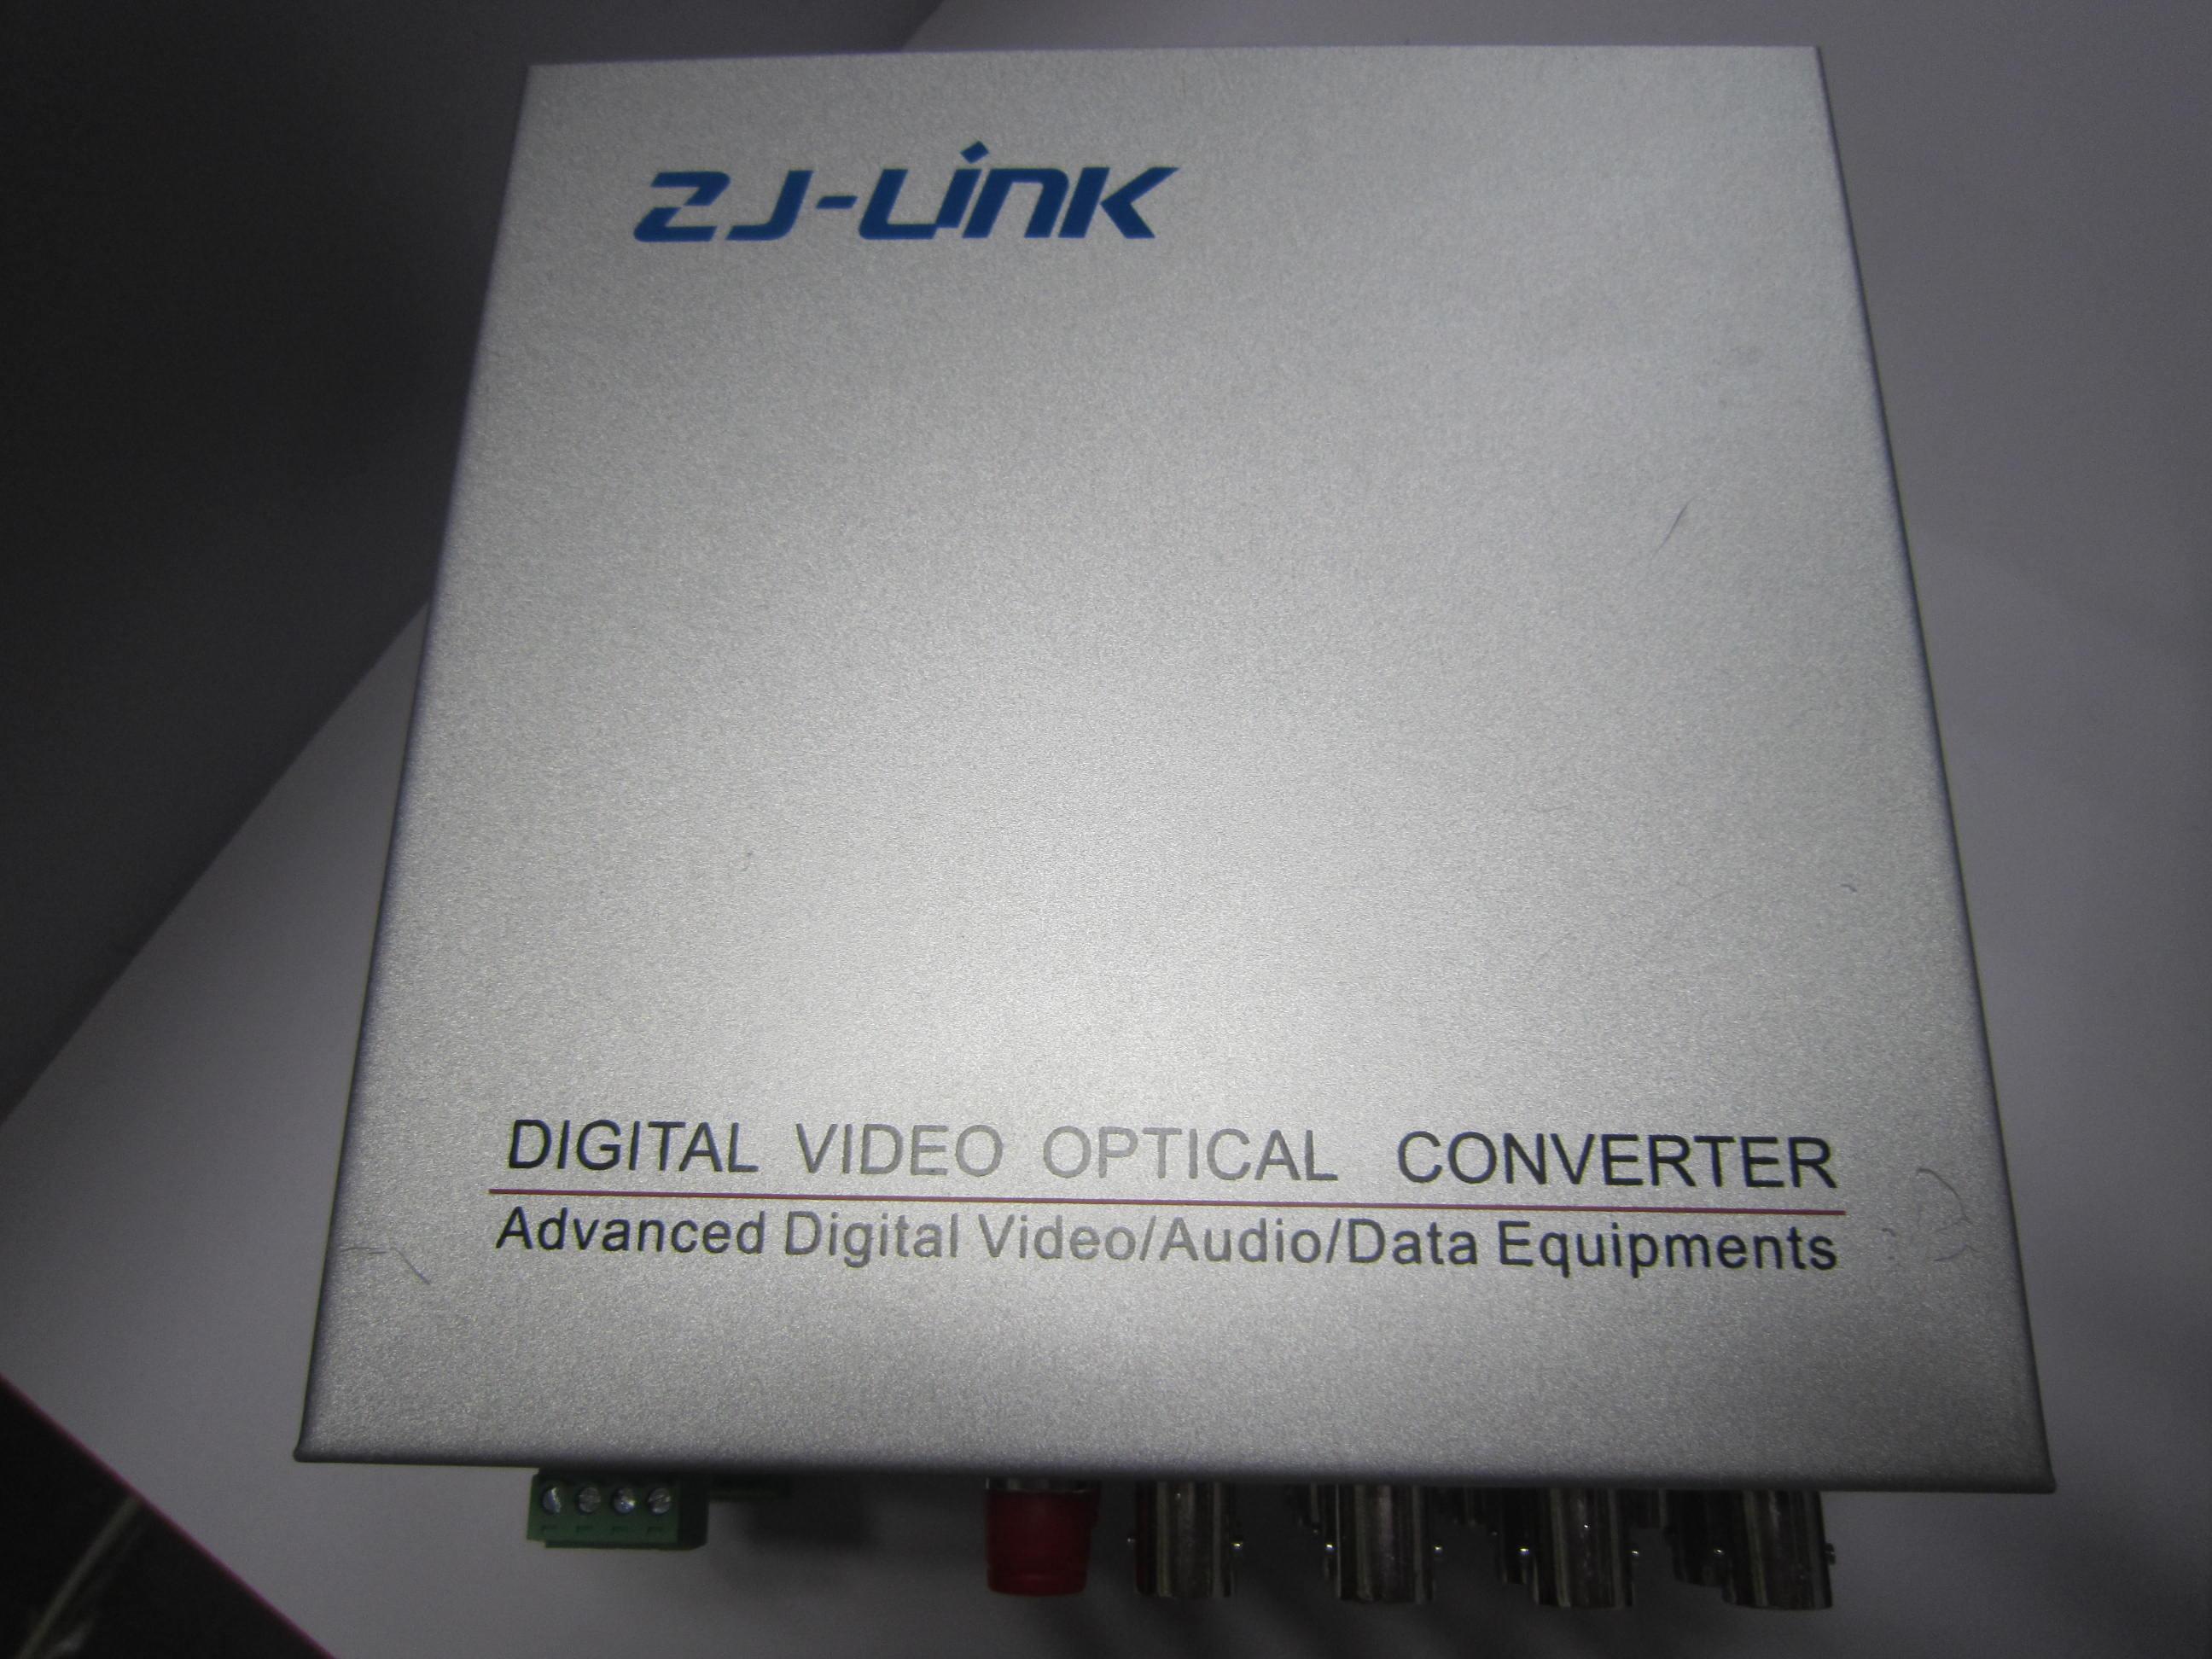 8路全数字视频加可选选件光端机采用国际先进的SOC数字信号处理技术,及全数字视频无压缩传输技术,将8 路视频及多路音频、数据、电话、以太网、开关量等信号在单芯光纤上采用光纤的CWDM波分复用技术实时同步、无失真、高质量地传输。全数字视频光端机的光模块和核心电路采用进口元器件,稳定性高,所有的光、电接口均符合国际标准,安装时免调整,适用于不同的工作环境。